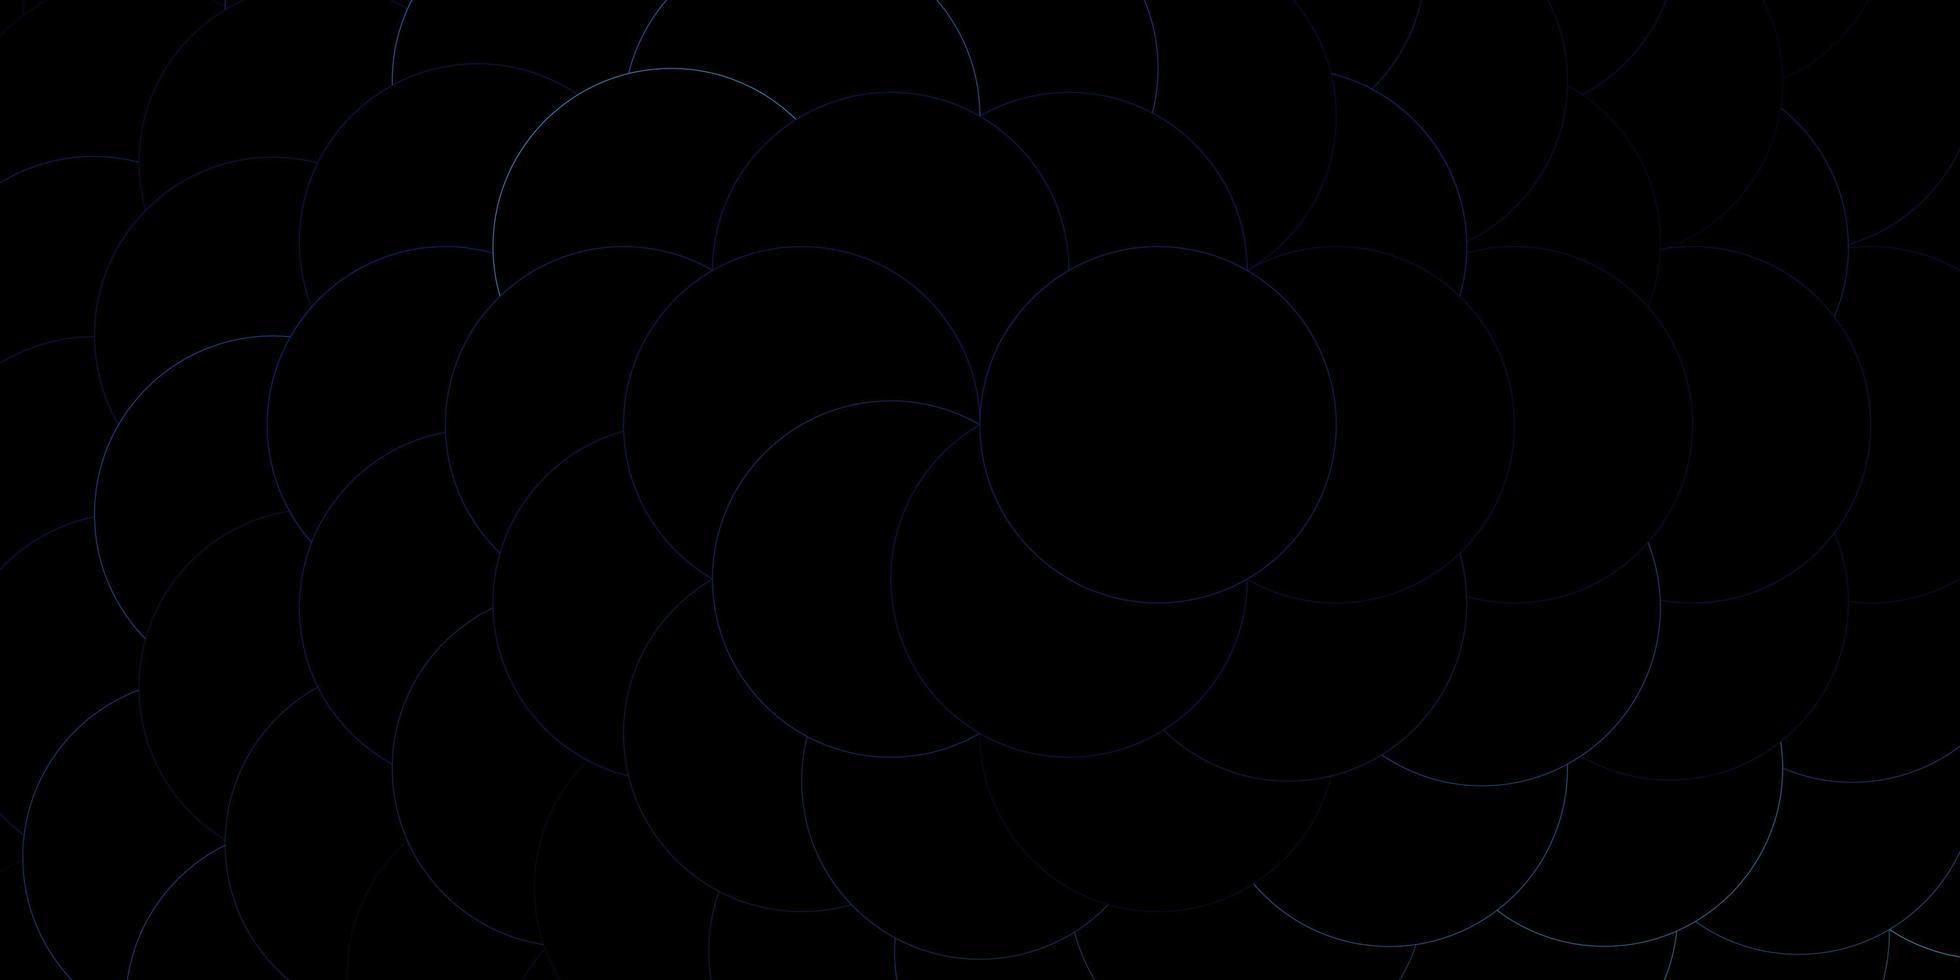 círculos contorneados azules en plantilla oscura. vector